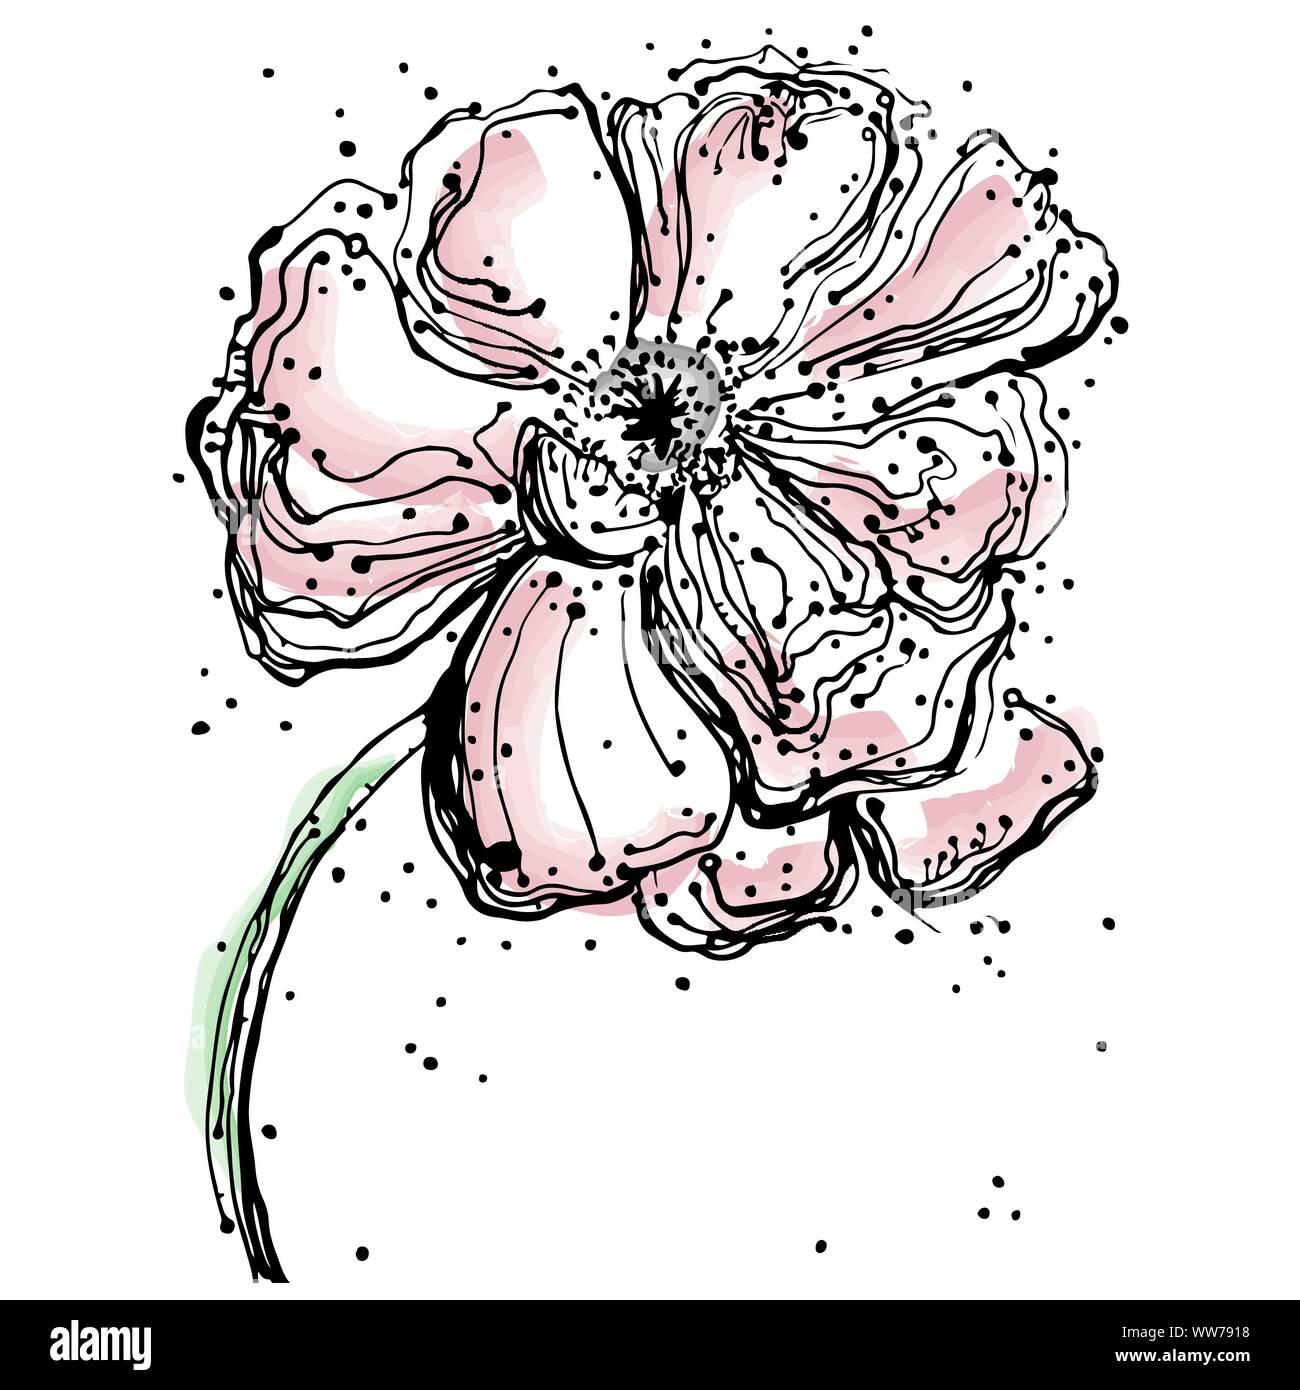 Abstrakte Blumen Mohn Isoliert Abbildung Gezeichnet Skizze Stock Vektorgrafik Alamy